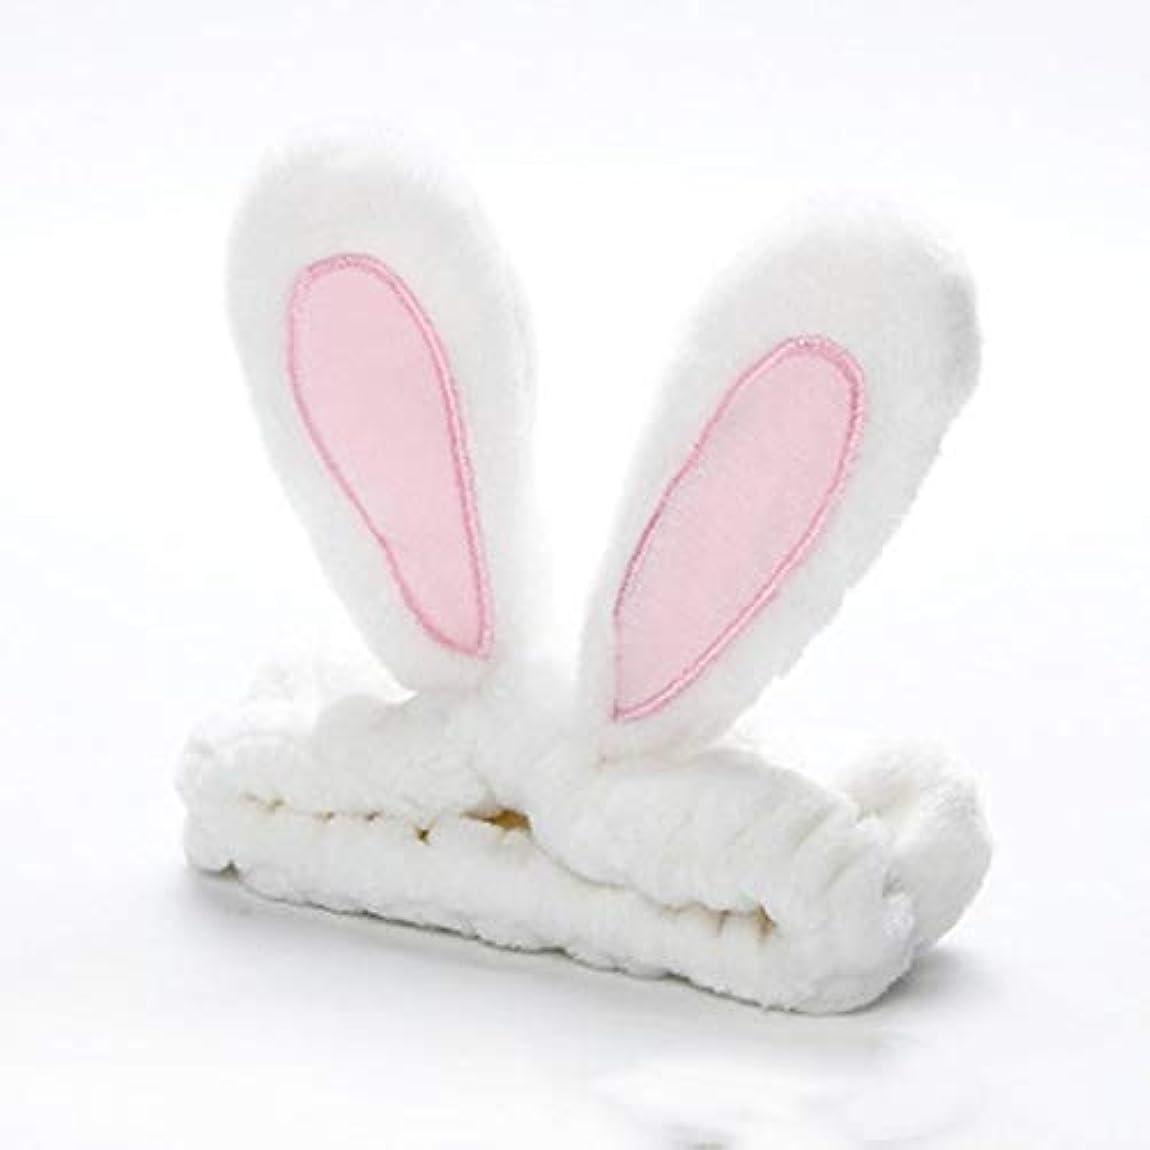 ウサギ楽しませるセメントかわいいうさぎ耳帽子洗浄顔とメイクアップファッションヘッドバンド - ホワイト